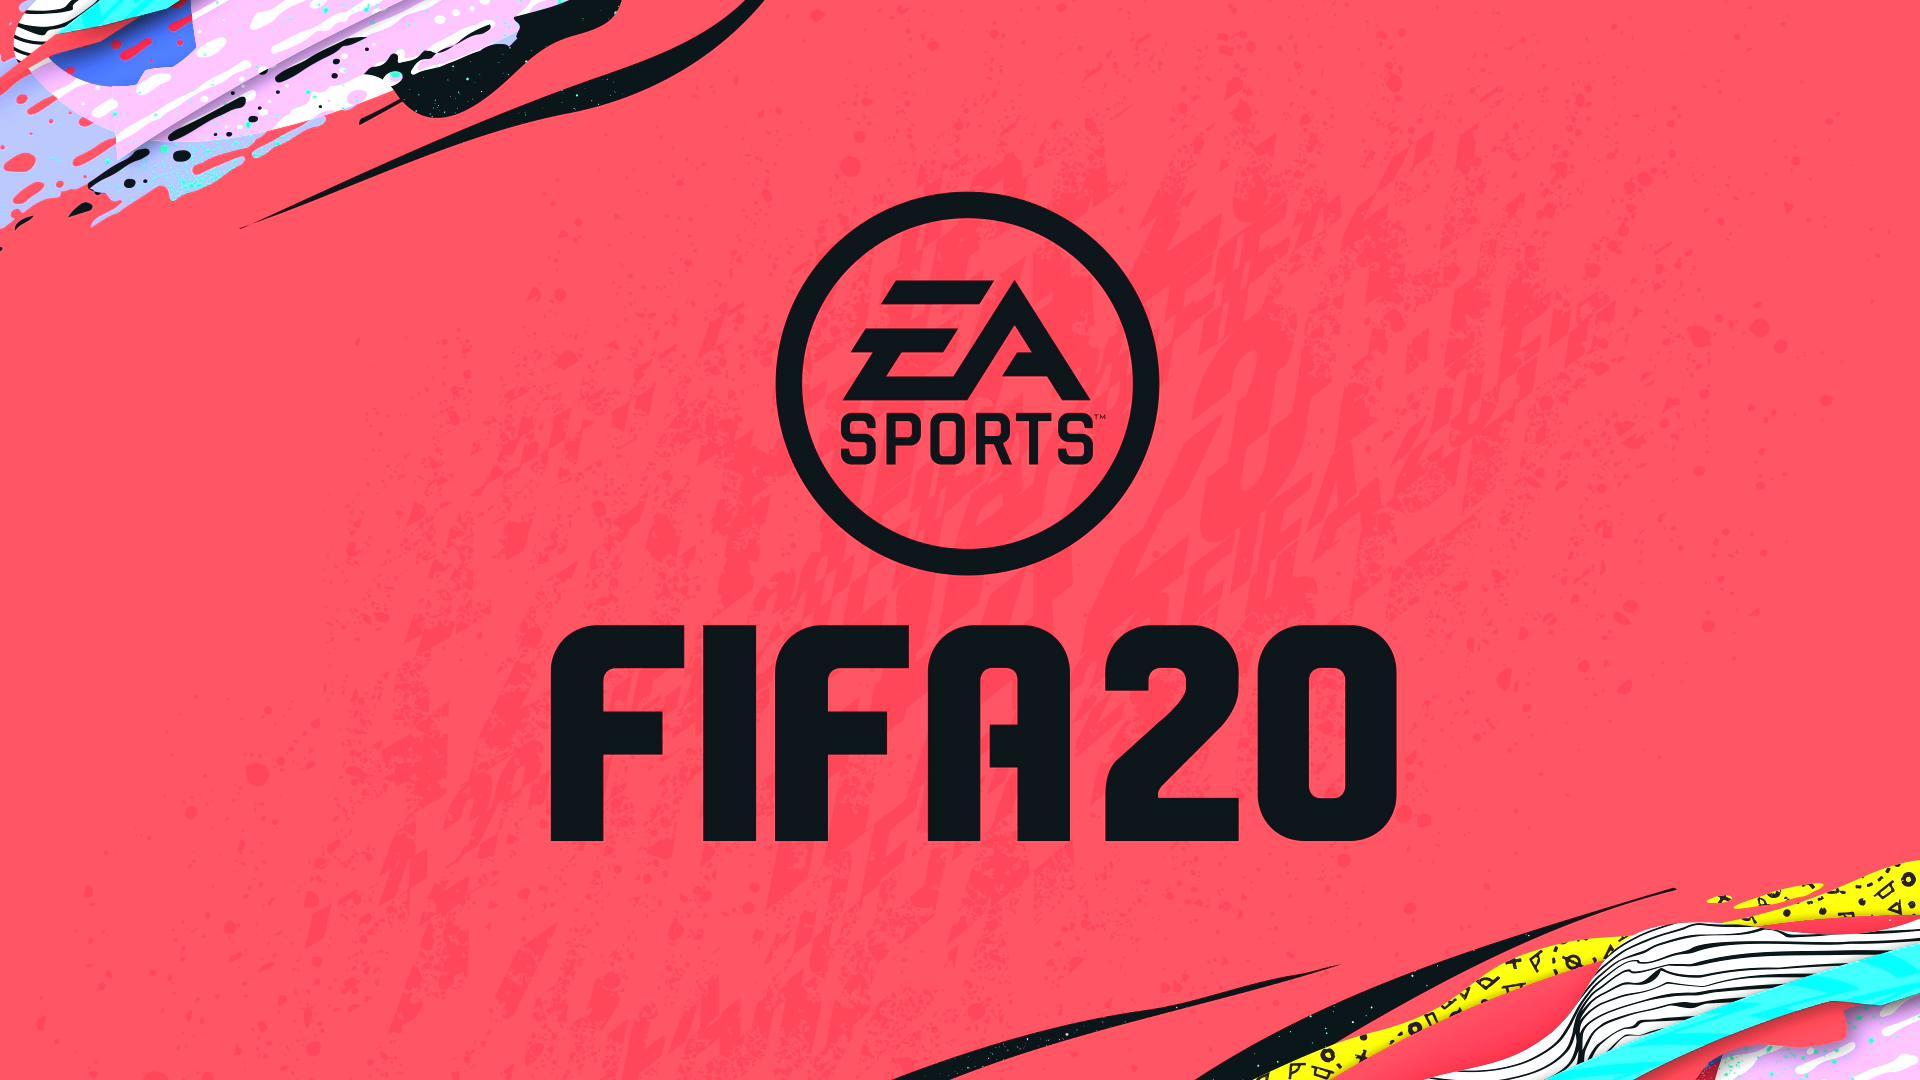 西甲《FIFA20》联赛皇马夺魁 巴萨因实况版权未参赛